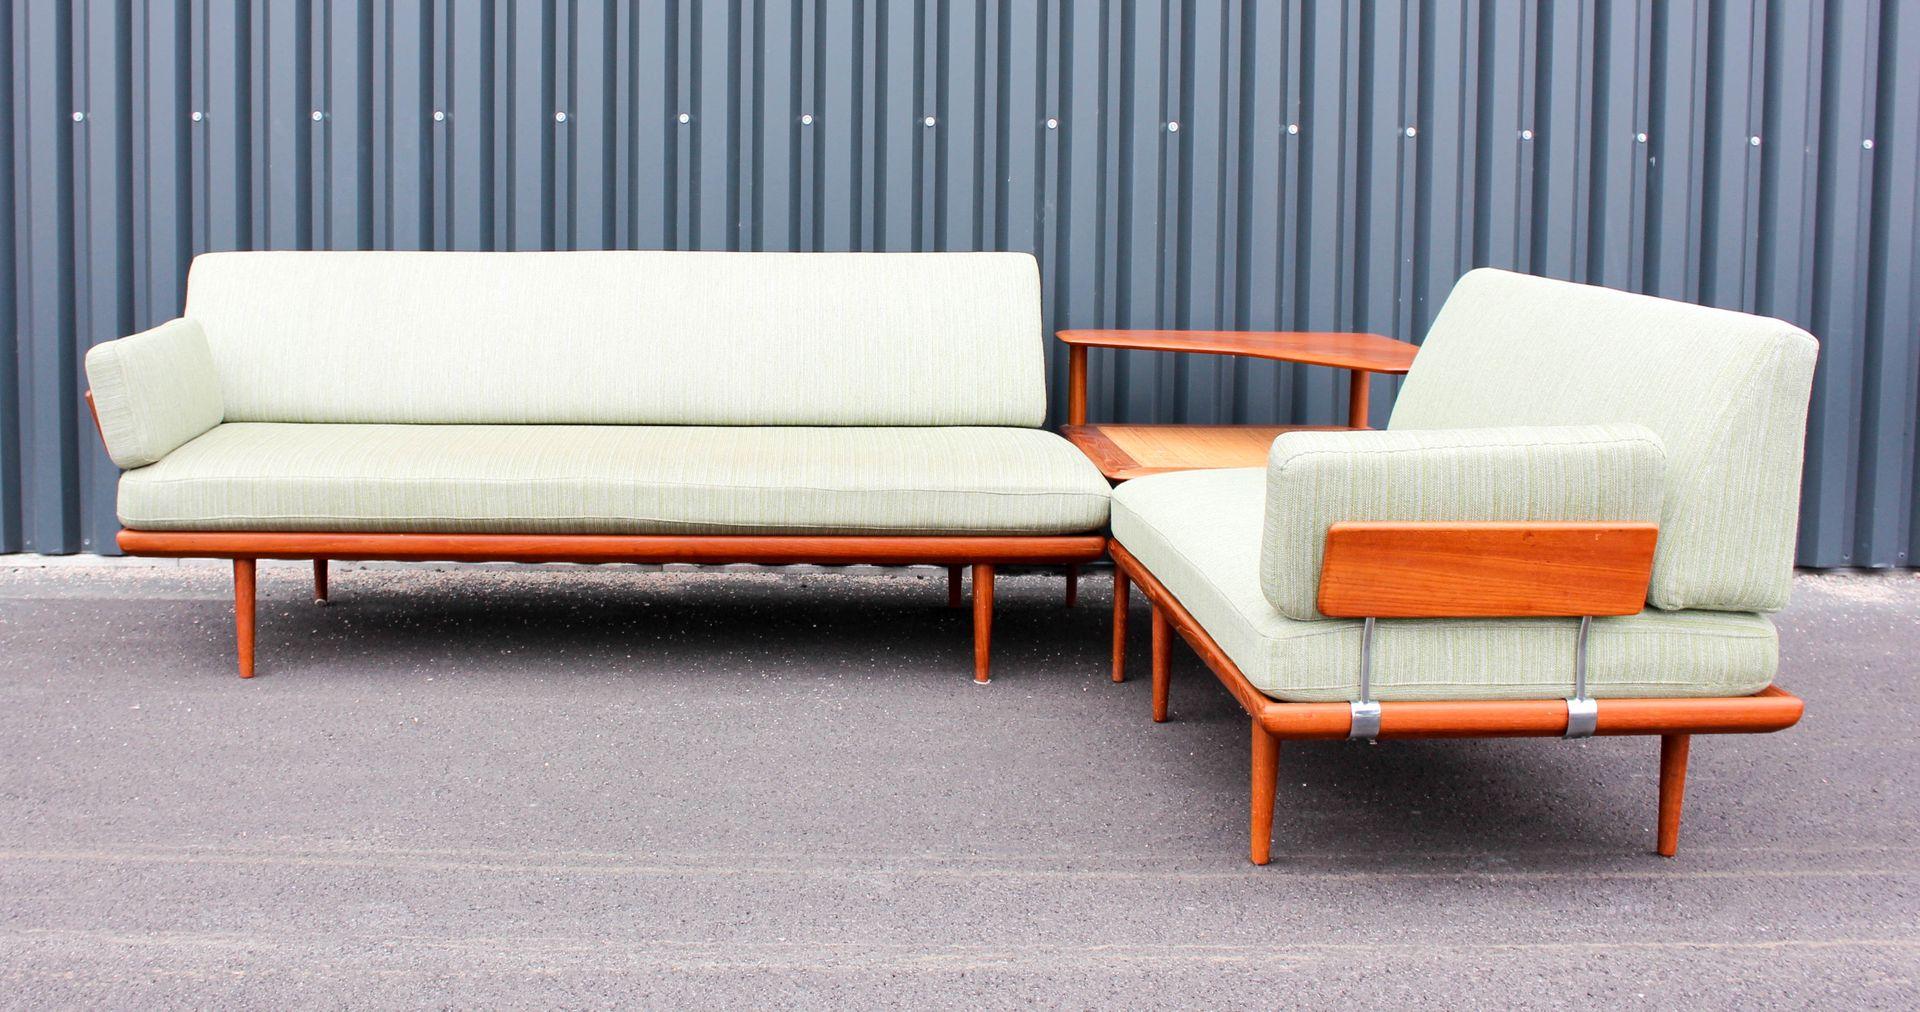 minerva sofa set und tisch von peter hvidt orla m lgaard f r france daverkosen 1950er bei. Black Bedroom Furniture Sets. Home Design Ideas